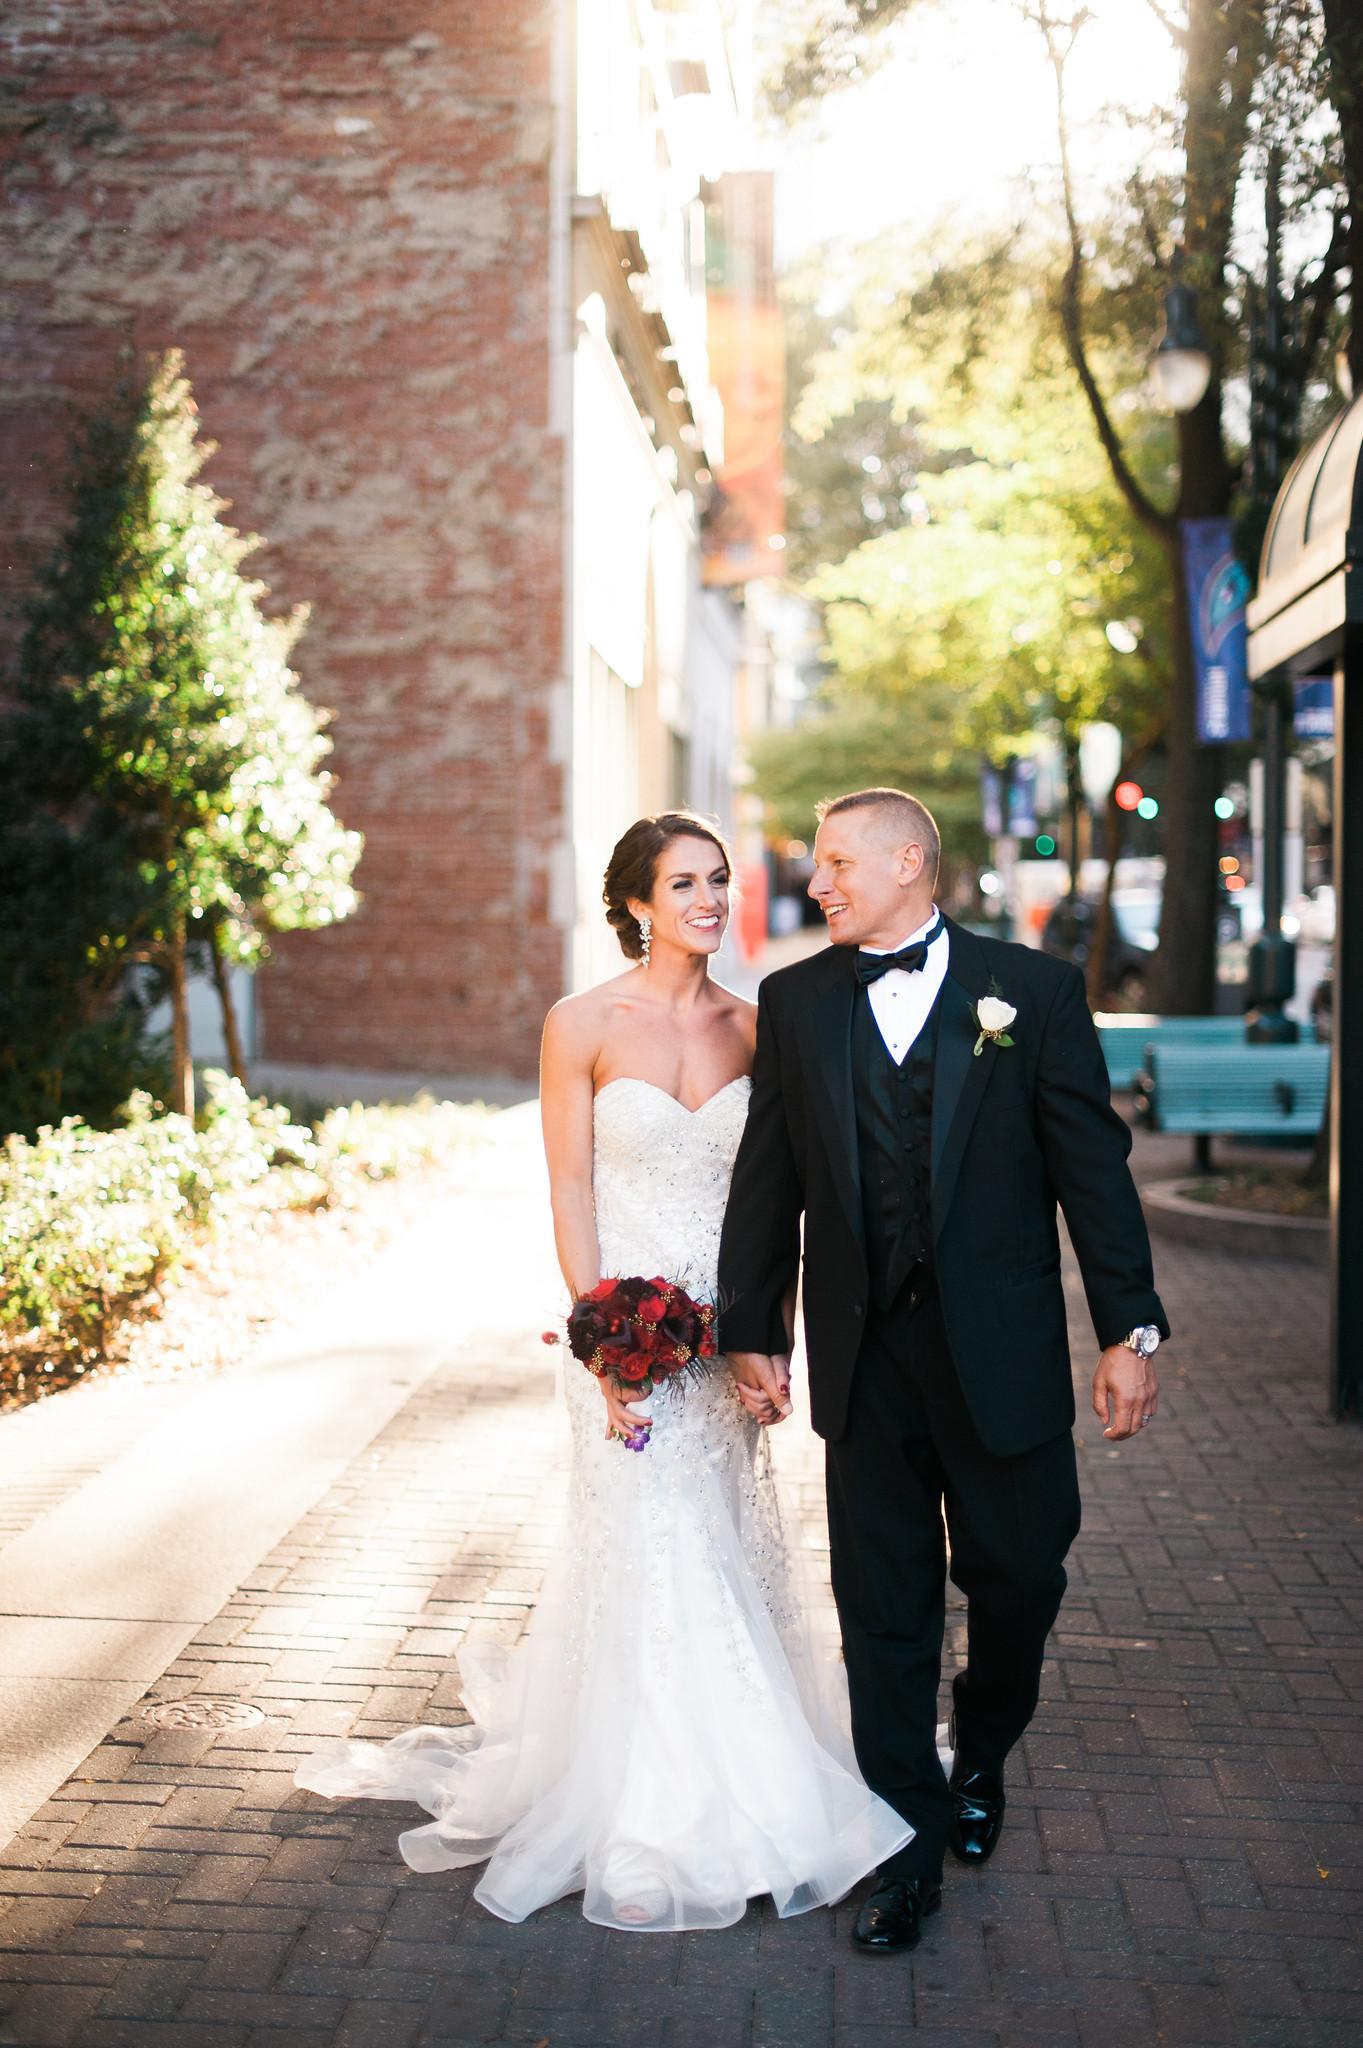 hoke-wedding-296-X4.jpg